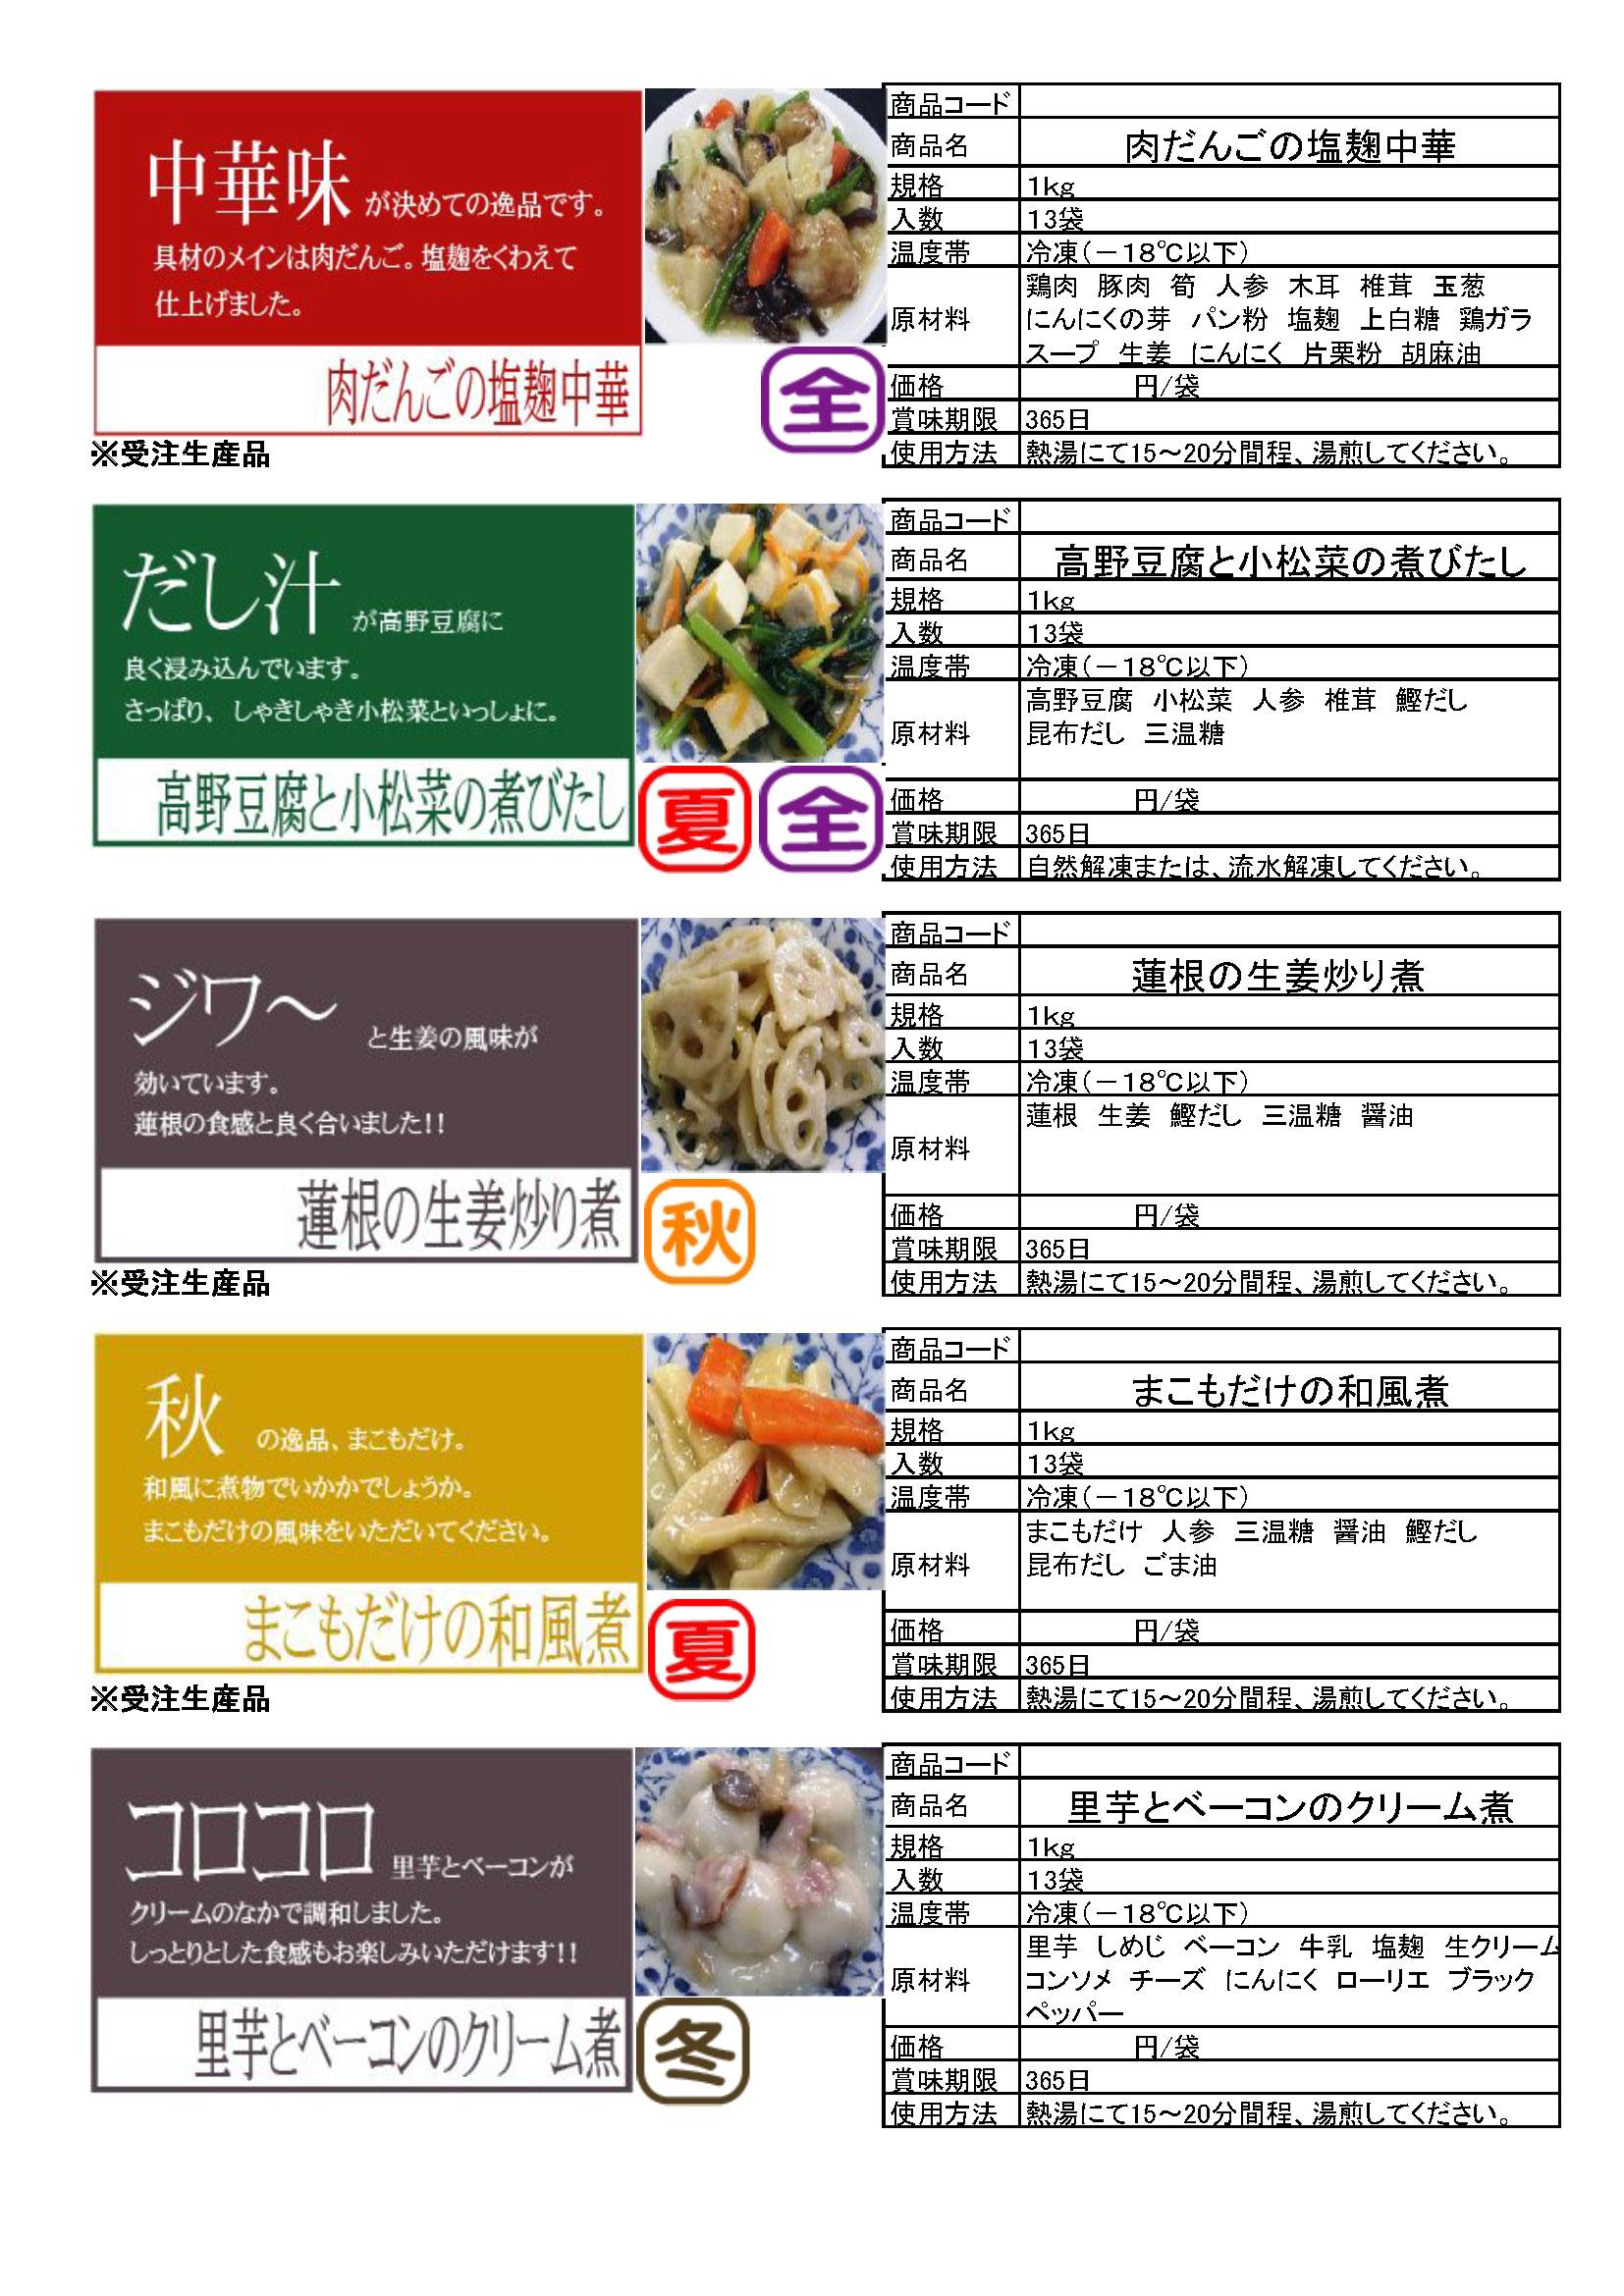 12.肉だんごの塩麹中華・高野豆腐と小松菜の煮びたし・蓮根の生姜炒り煮・まこもだけの和風煮・里芋とベーコンのクリーム煮